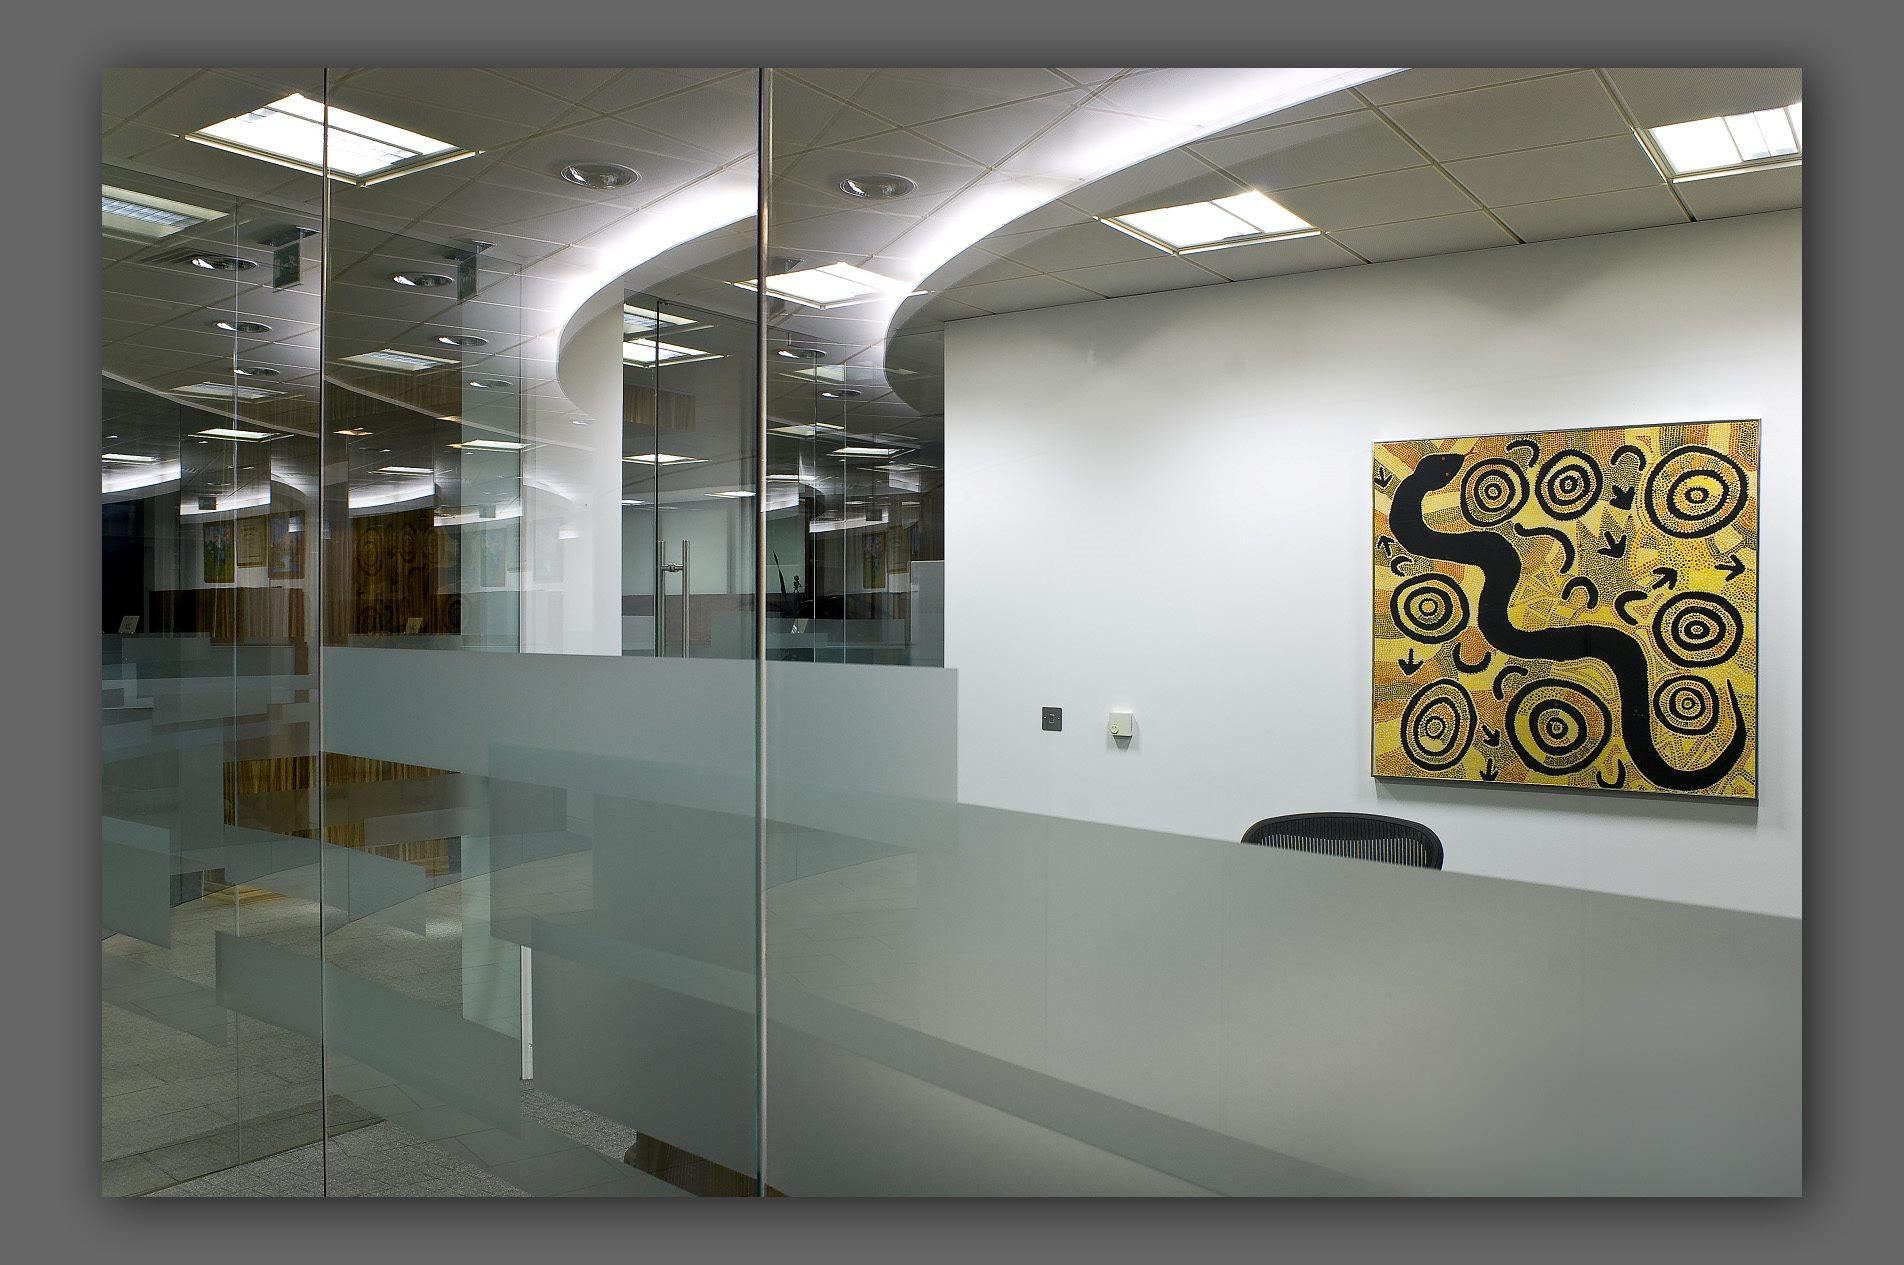 D&G's Australian aboriginal art collection